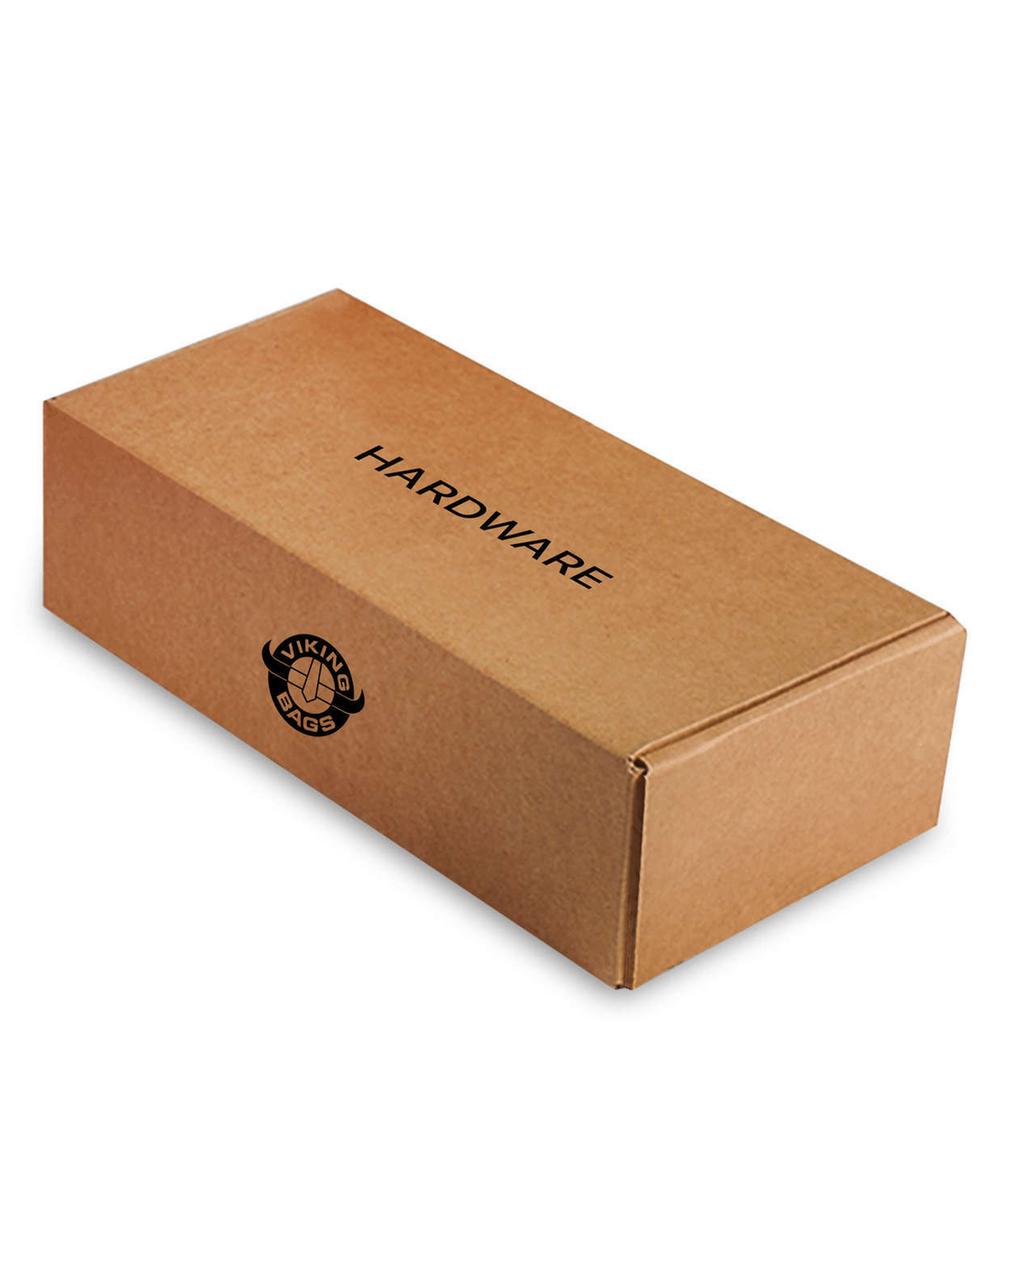 Yamaha Stratoliner Viking Lamellar Large Leather Covered Non-Shock Cutout Hard Saddlebags Box